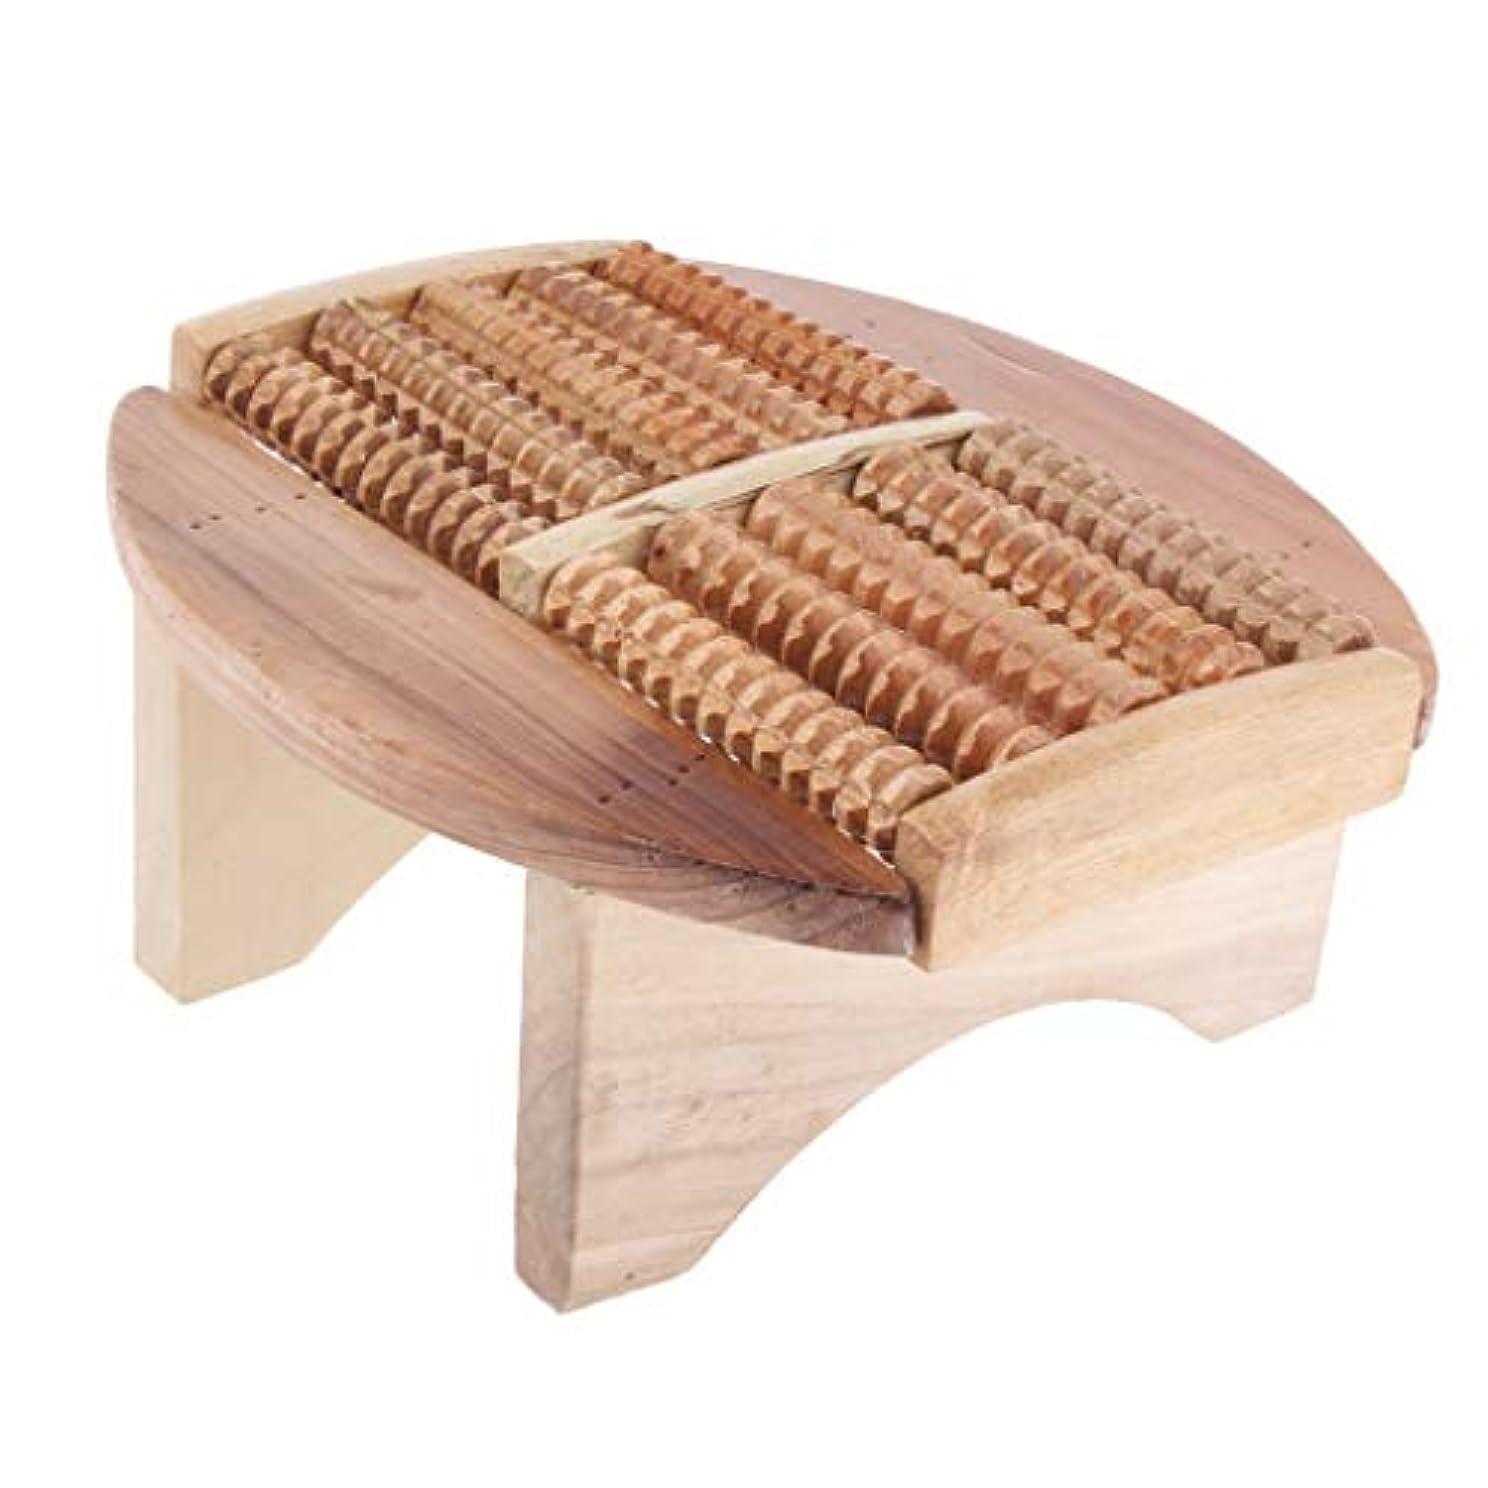 正確さストッキングインフルエンザフットマッサージスツール 木製 足湯ステップ マッサージ スツール SPA